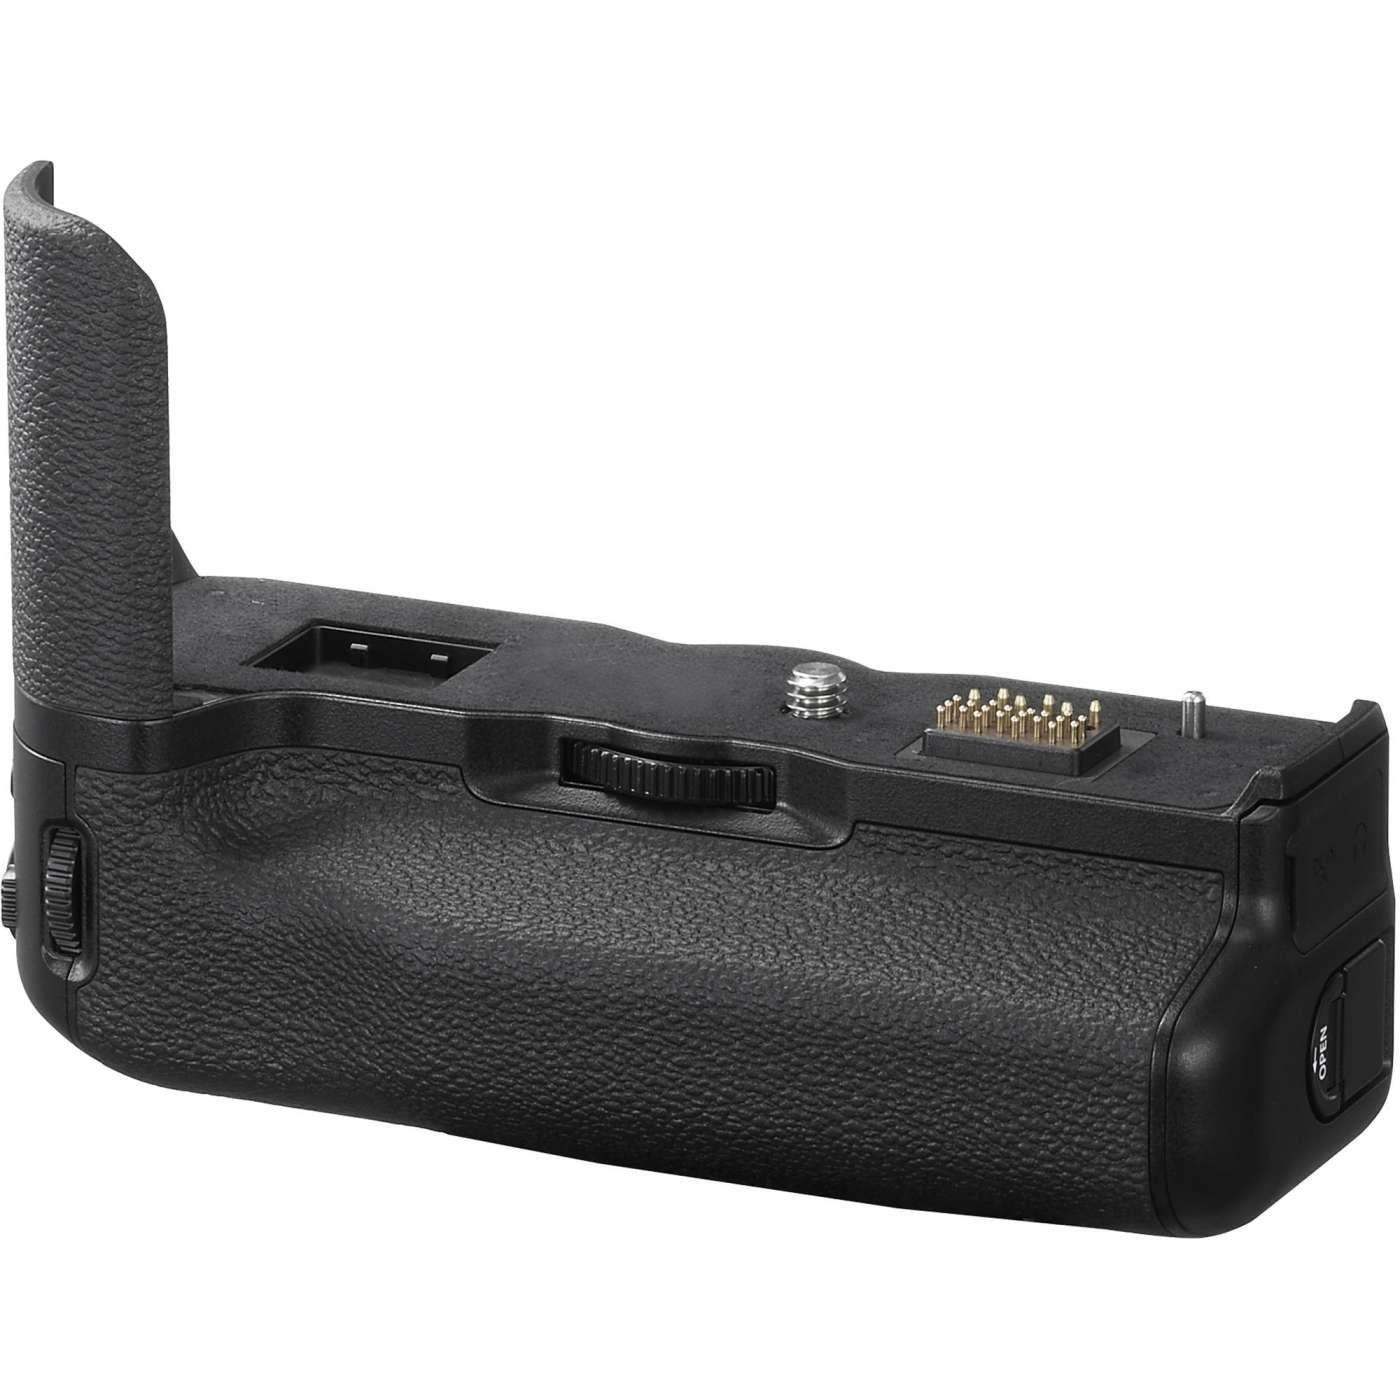 X-T2 Vertical Power Booster Grip расширяет возможности съемки камеры